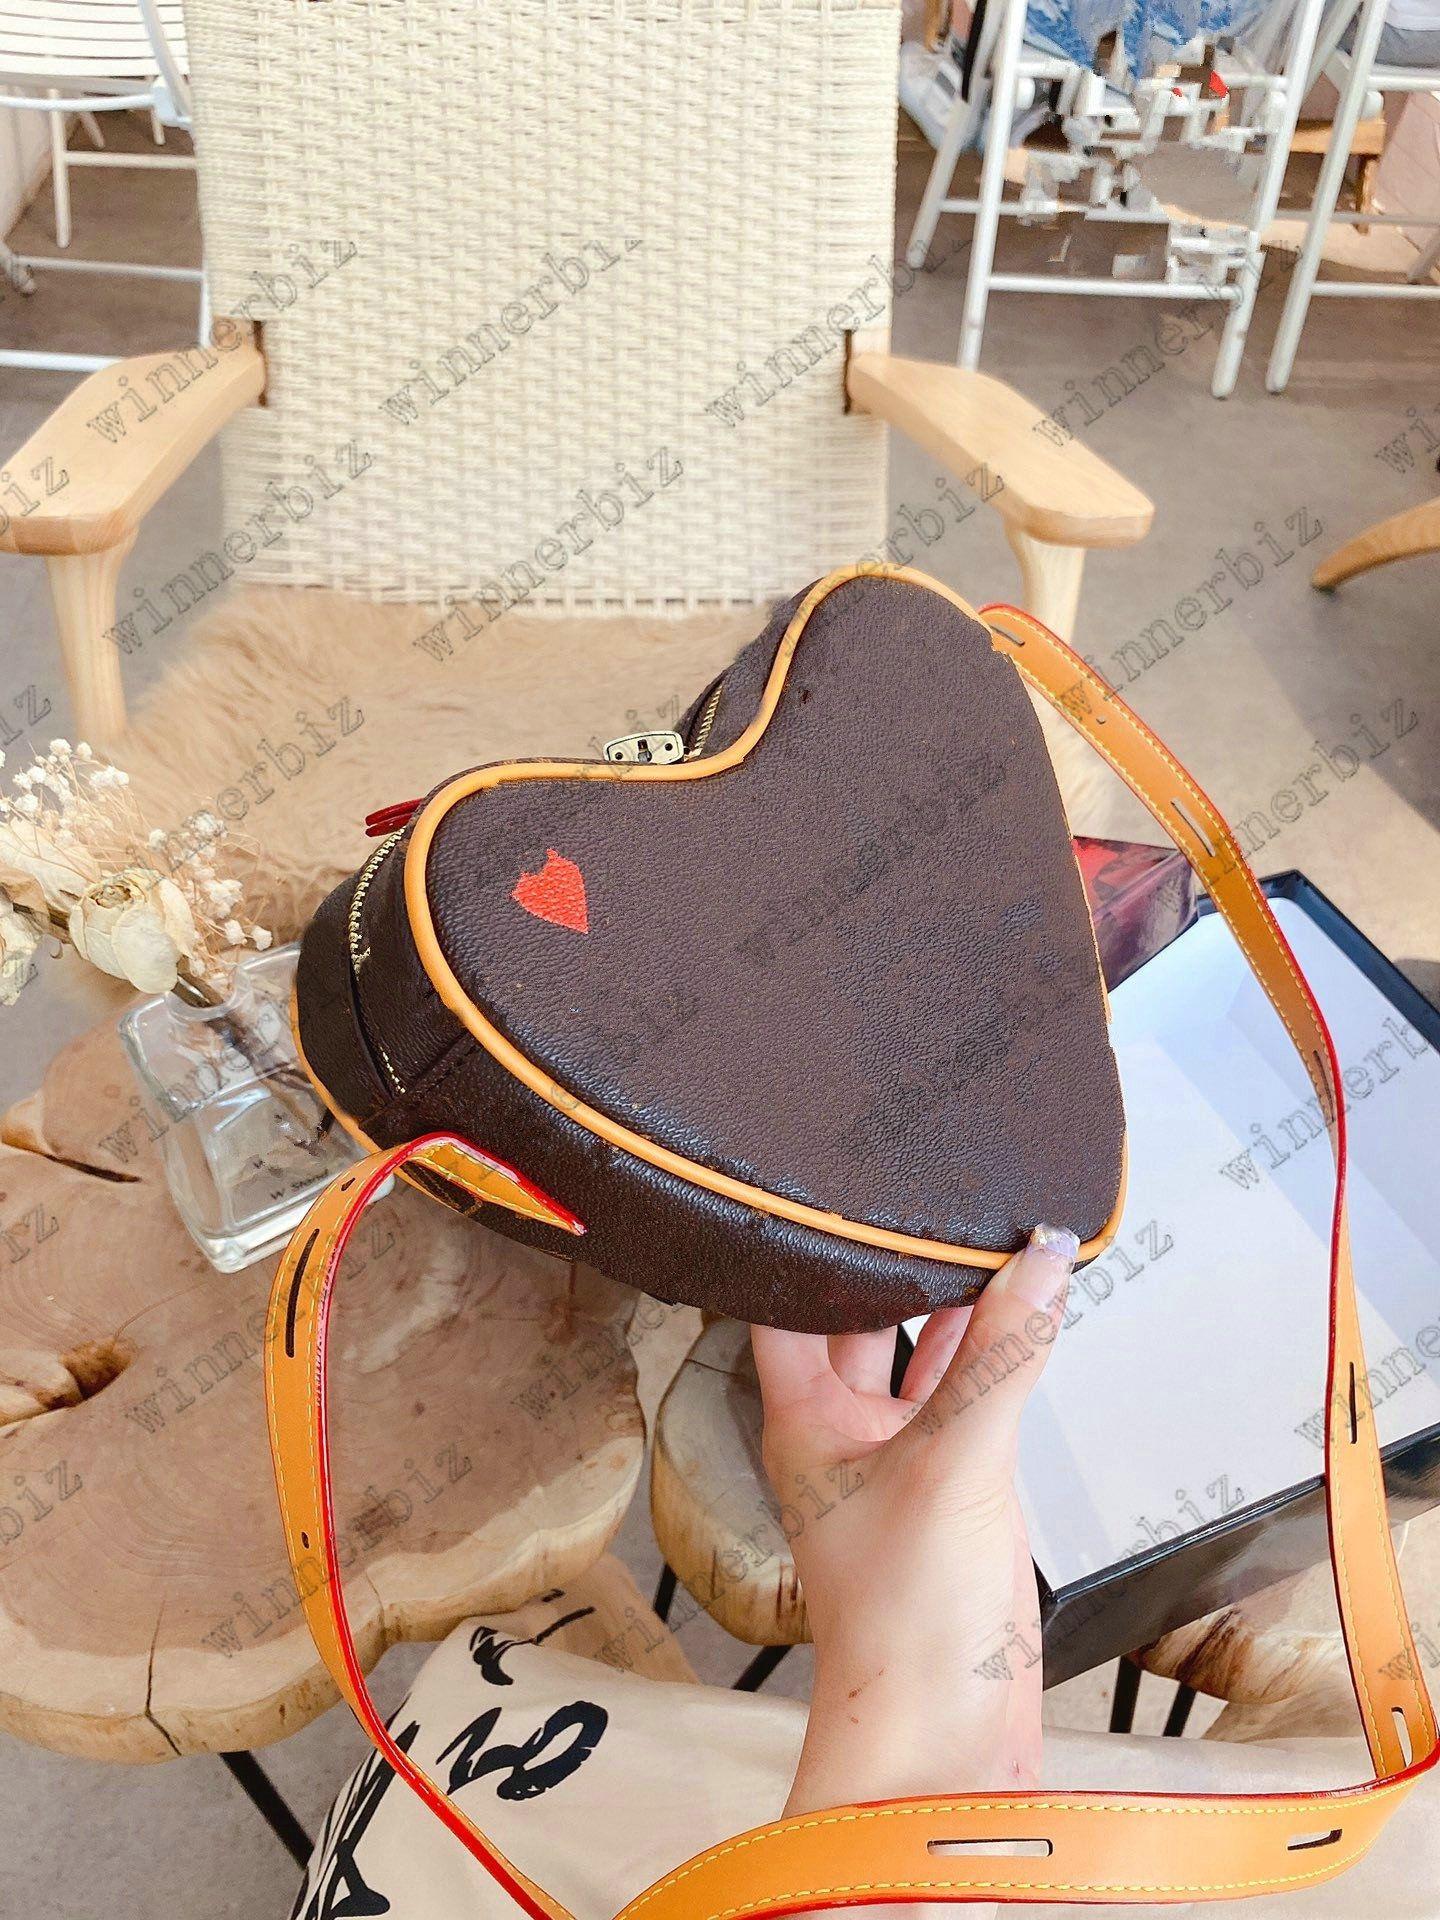 Игра На Coeur Mini Bag Red Heart M57456 Сумки Luxurys Дизайнеры Старинные Мессенджеры Сумки через плечо Кожаная Tote